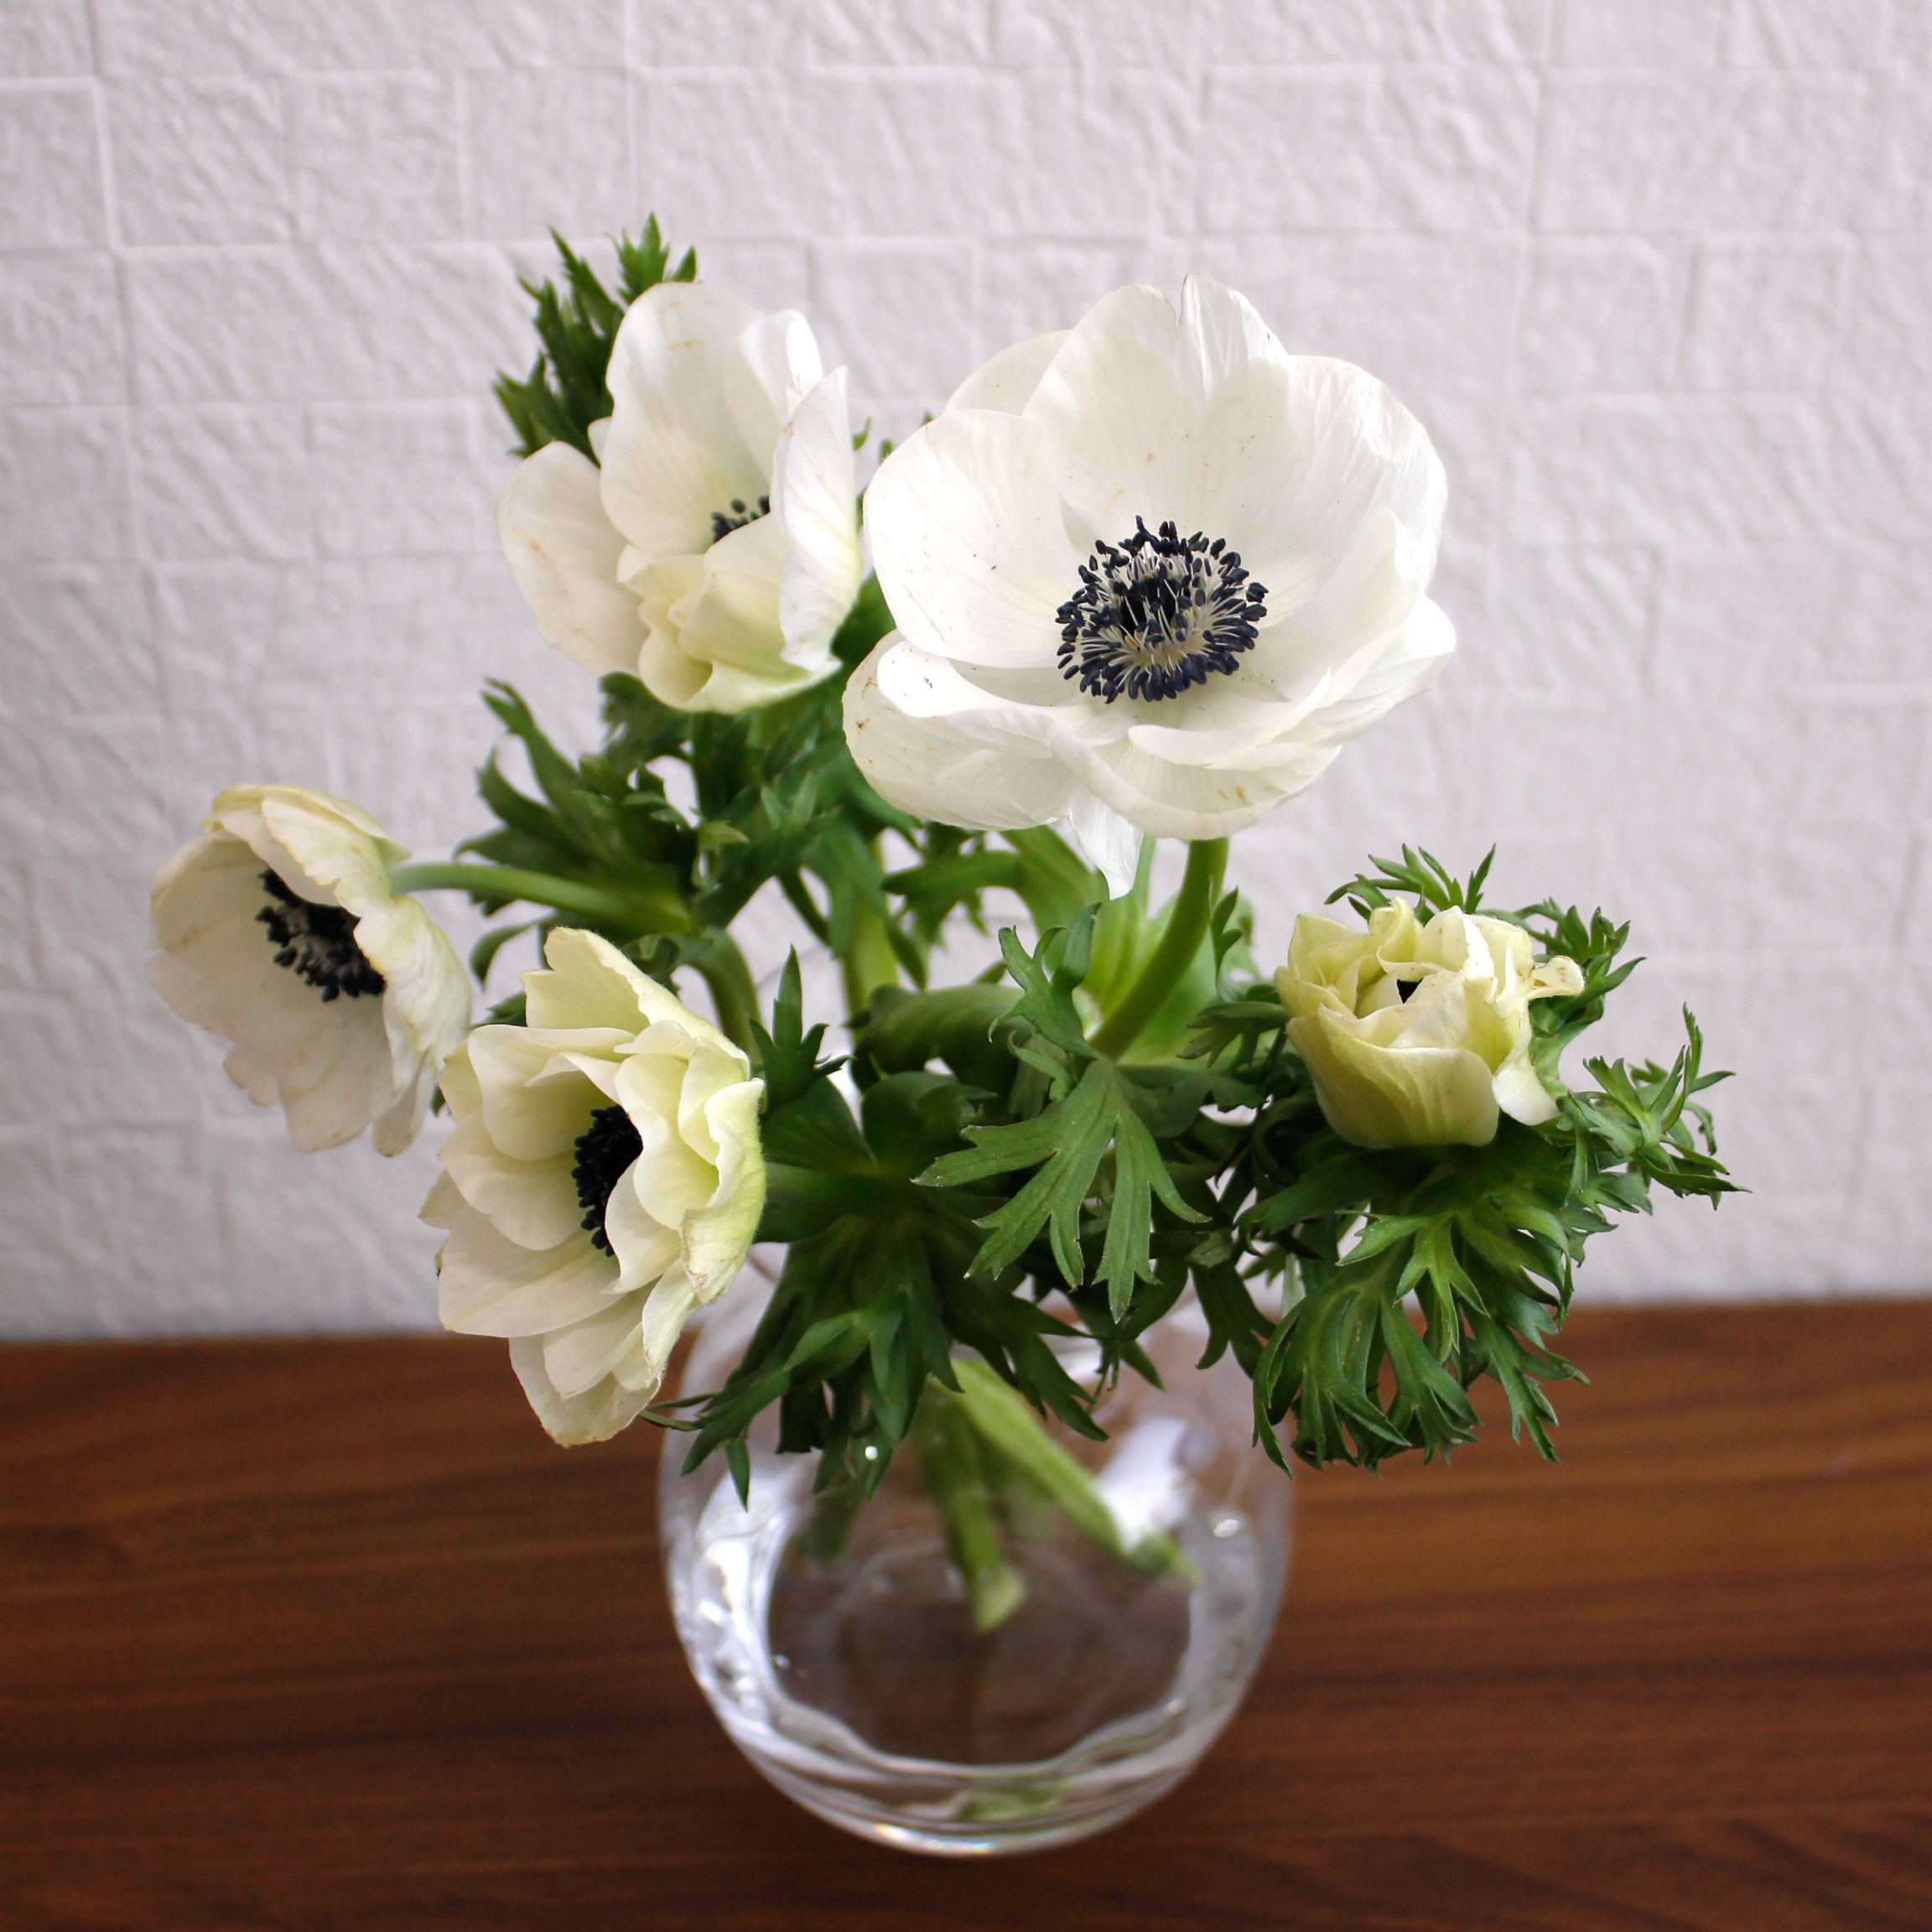 おうち花飾りのススメ アネモネ   はなどんやマガジン